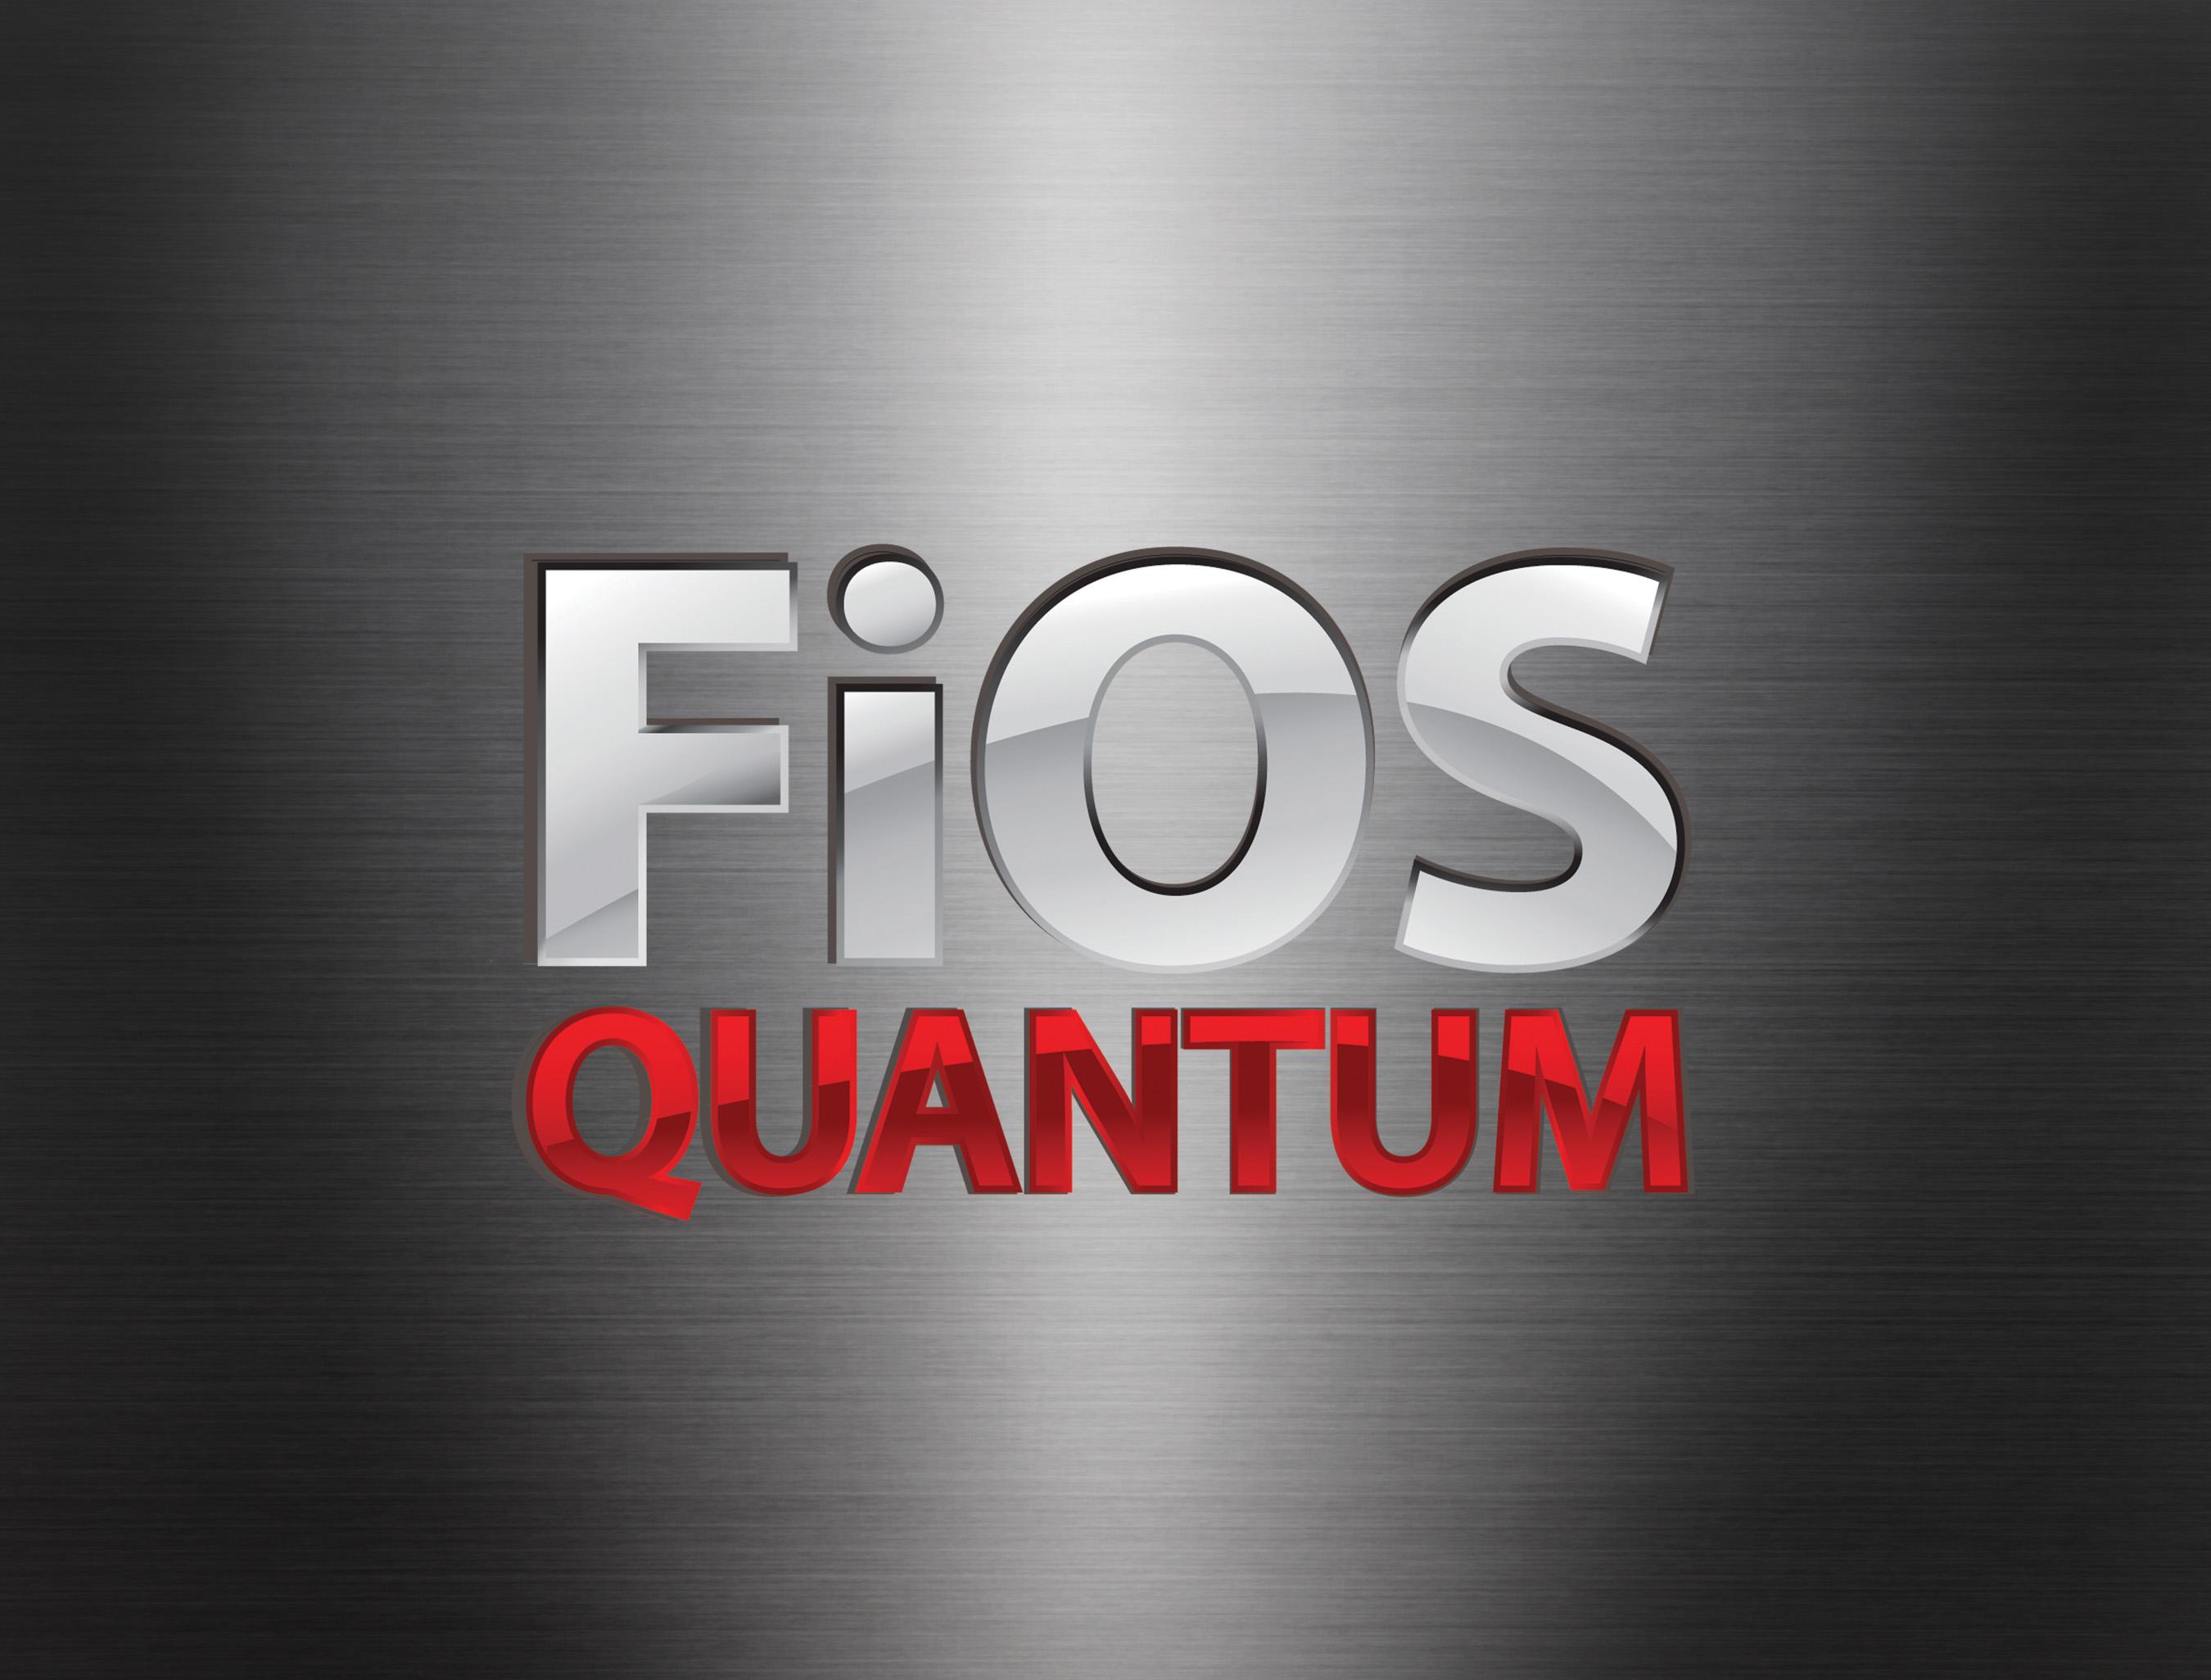 Verizon Fios Quantum Logo | www.imgkid.com - The Image Kid ...